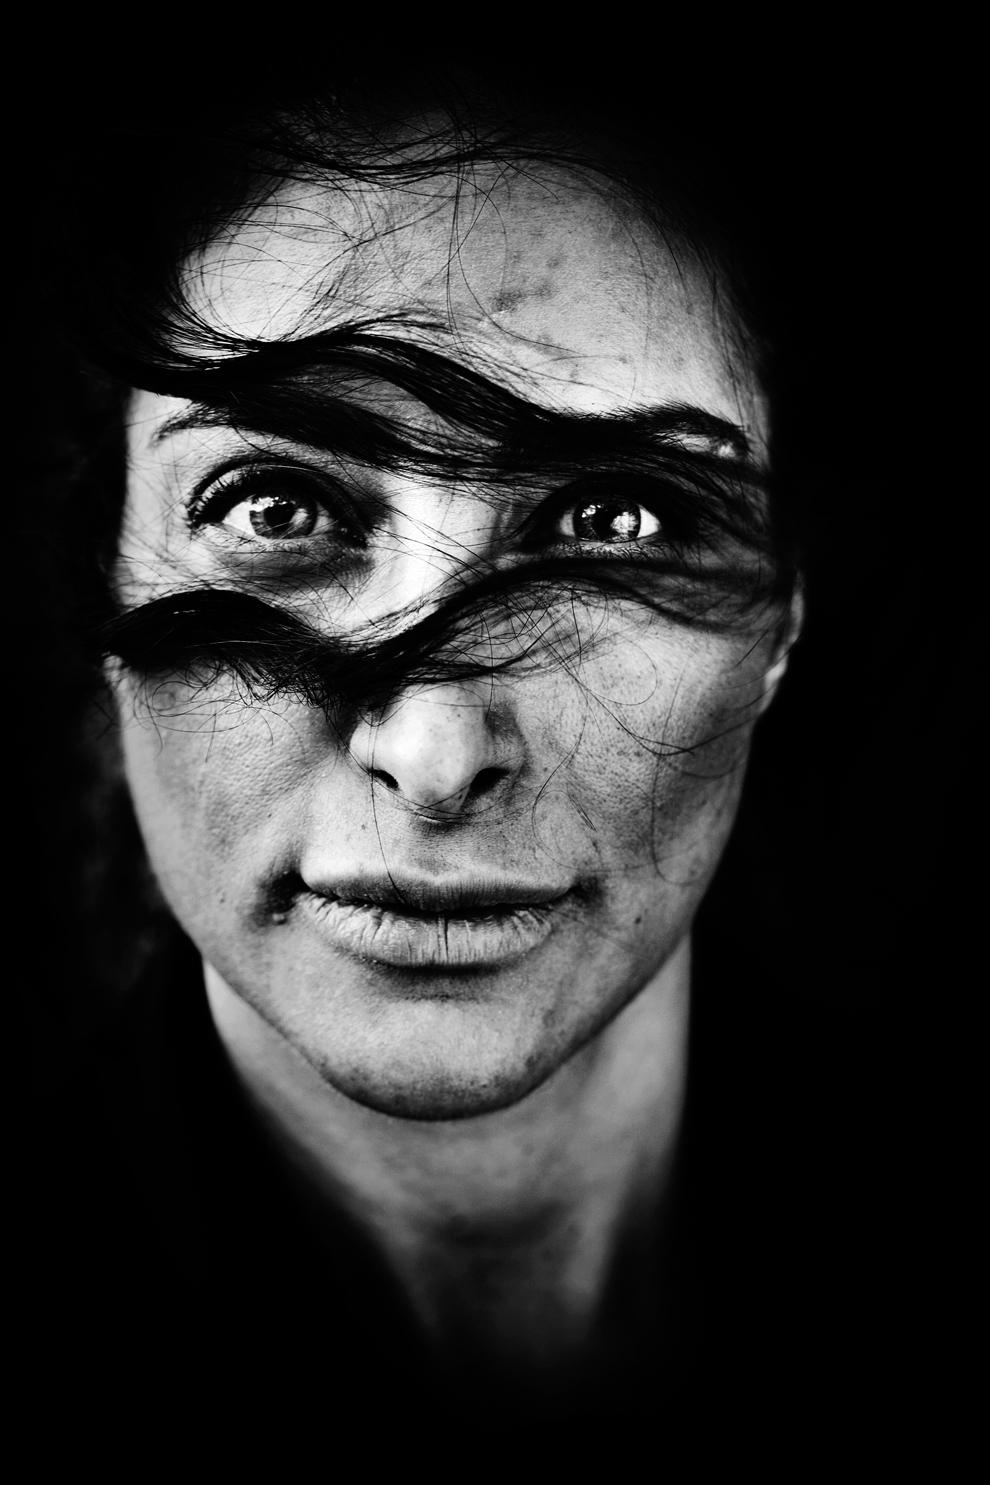 1 місце серед портретів: данська актриса іранського походження Меліса Мехрабан. (Laerke Posselt)